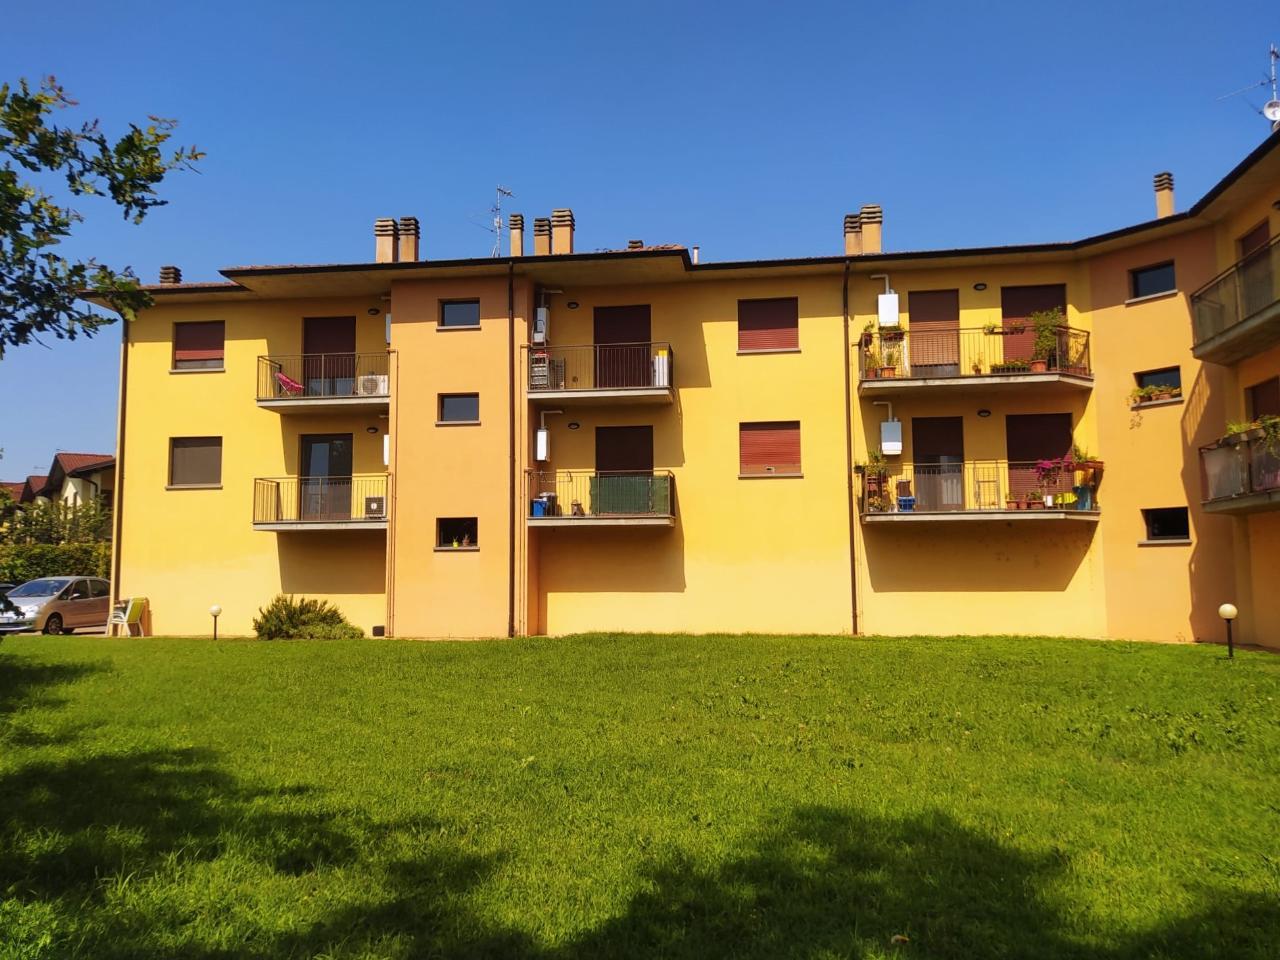 Appartamento PERSICO DOSIMO Euro 70.000,00